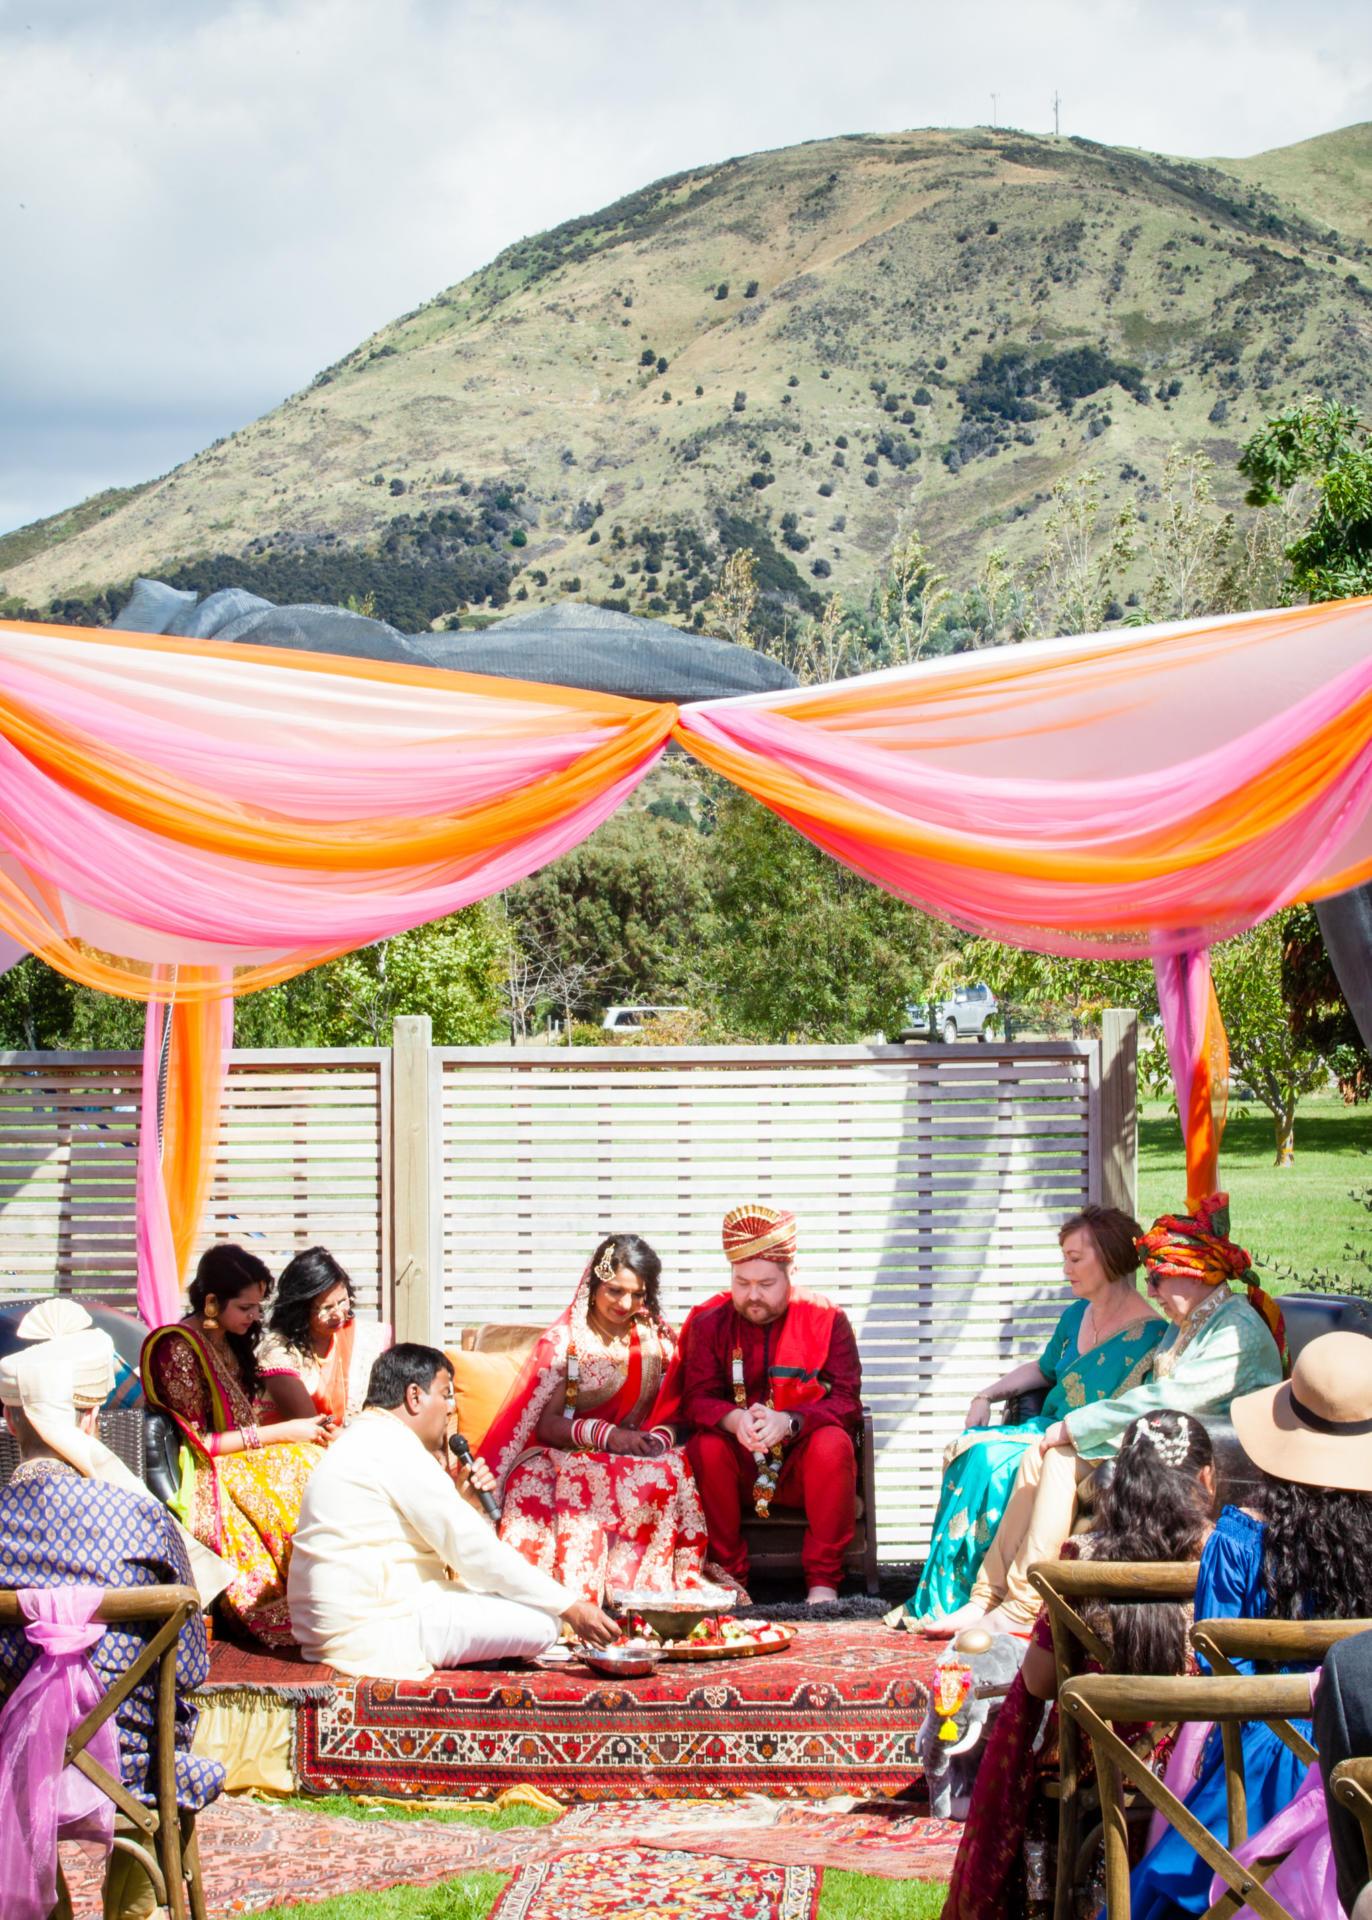 Wanaka & Queenstown wedding planner and stylist